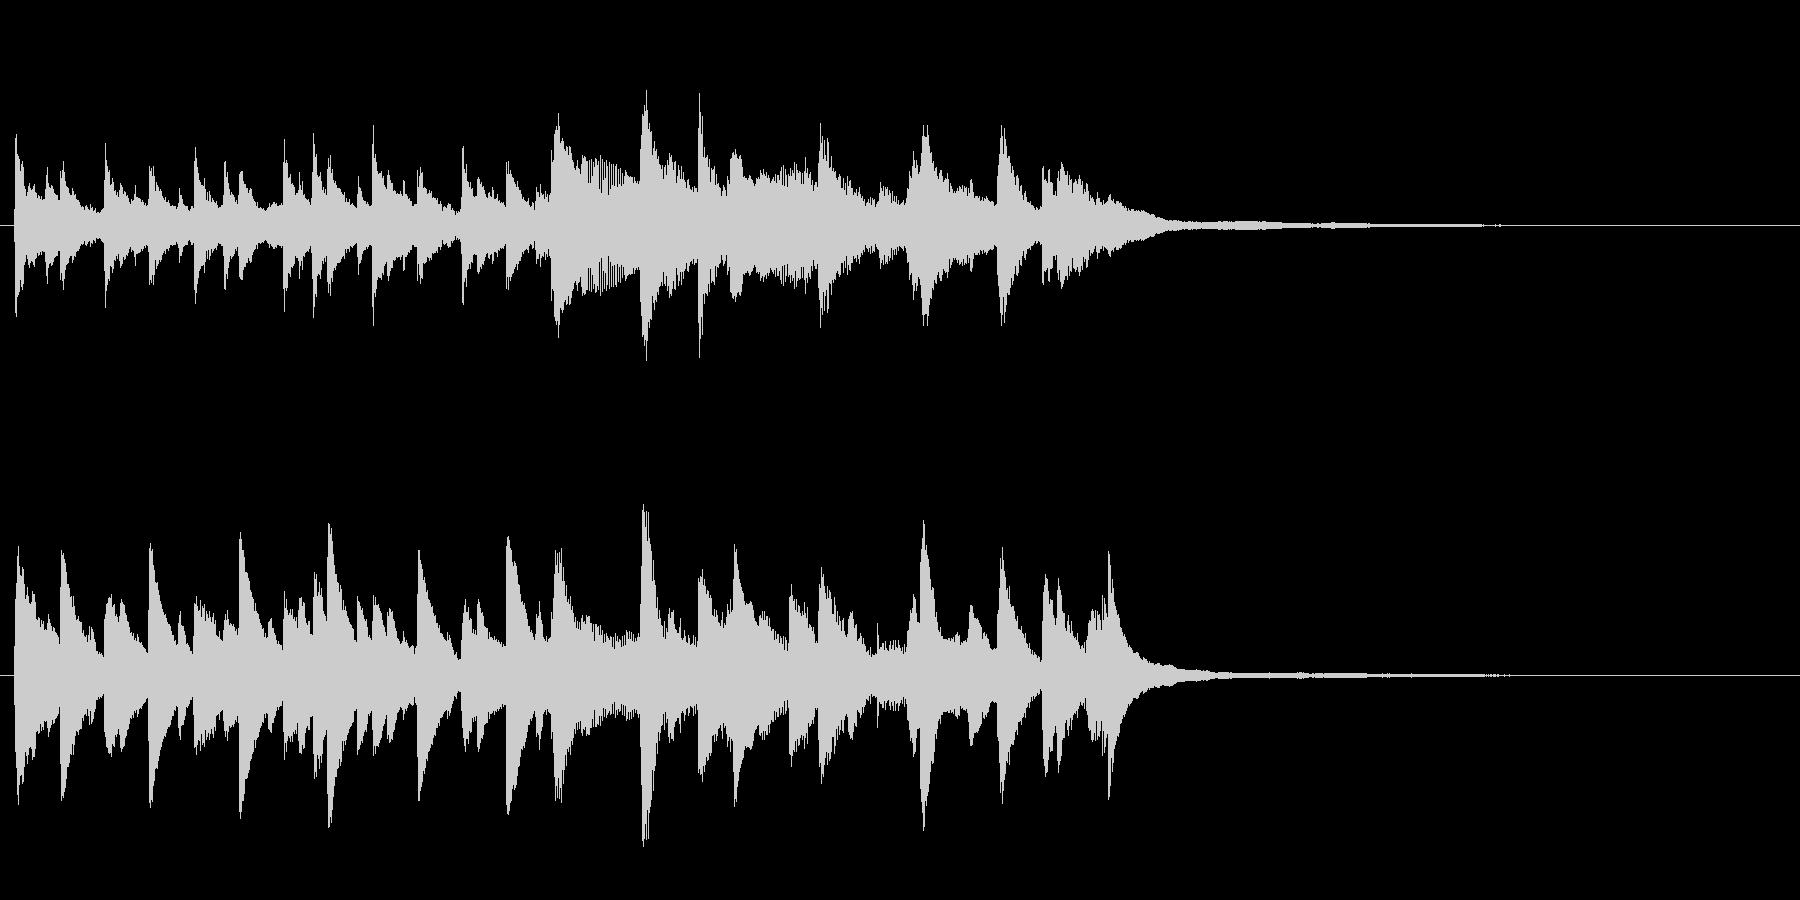 らんらん気分なピアノのオープニングの未再生の波形